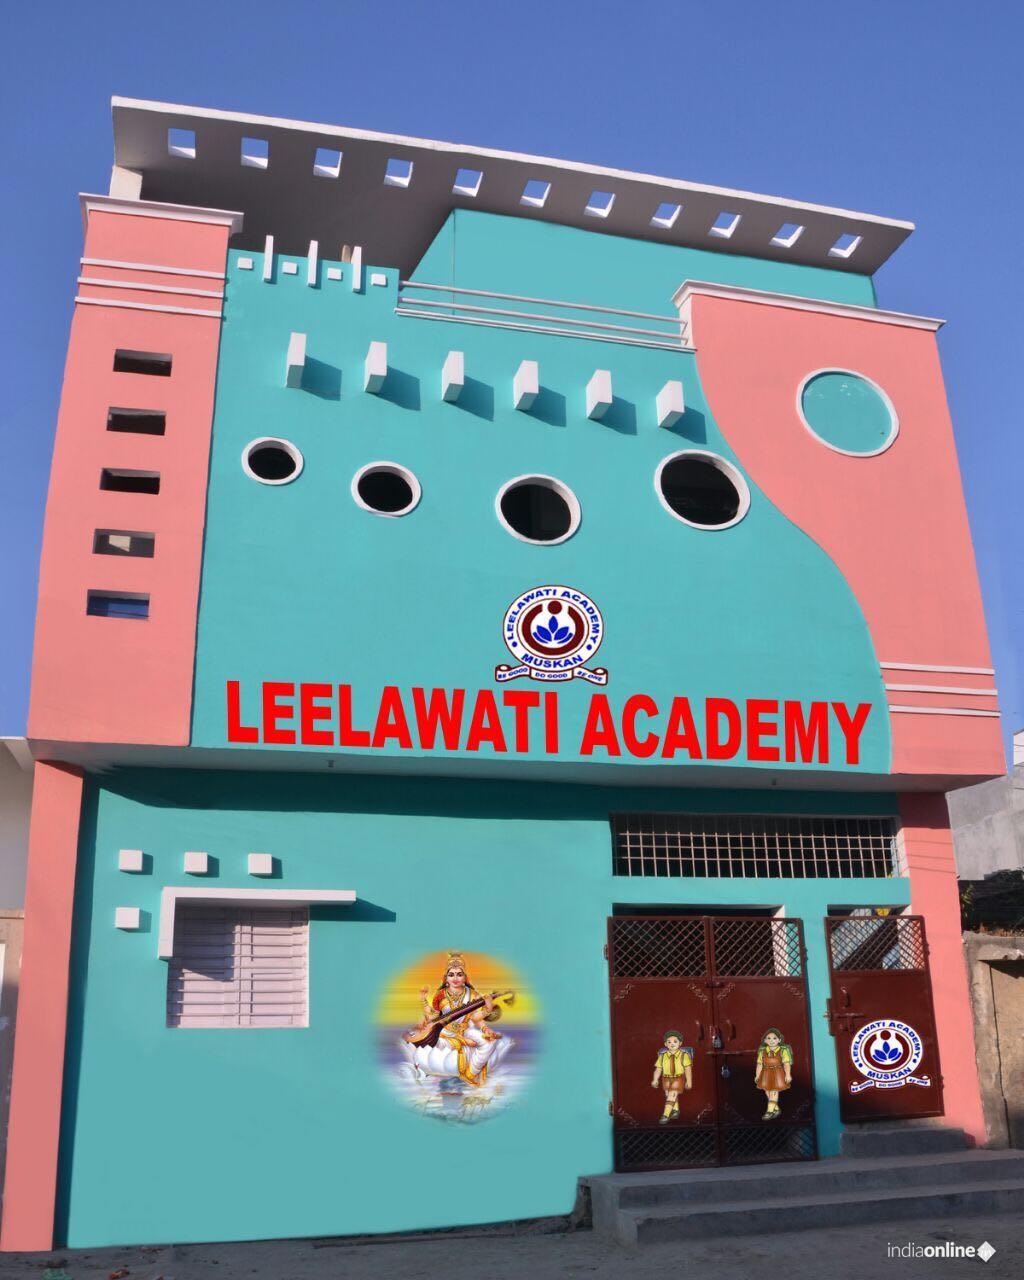 Leelawati Academy